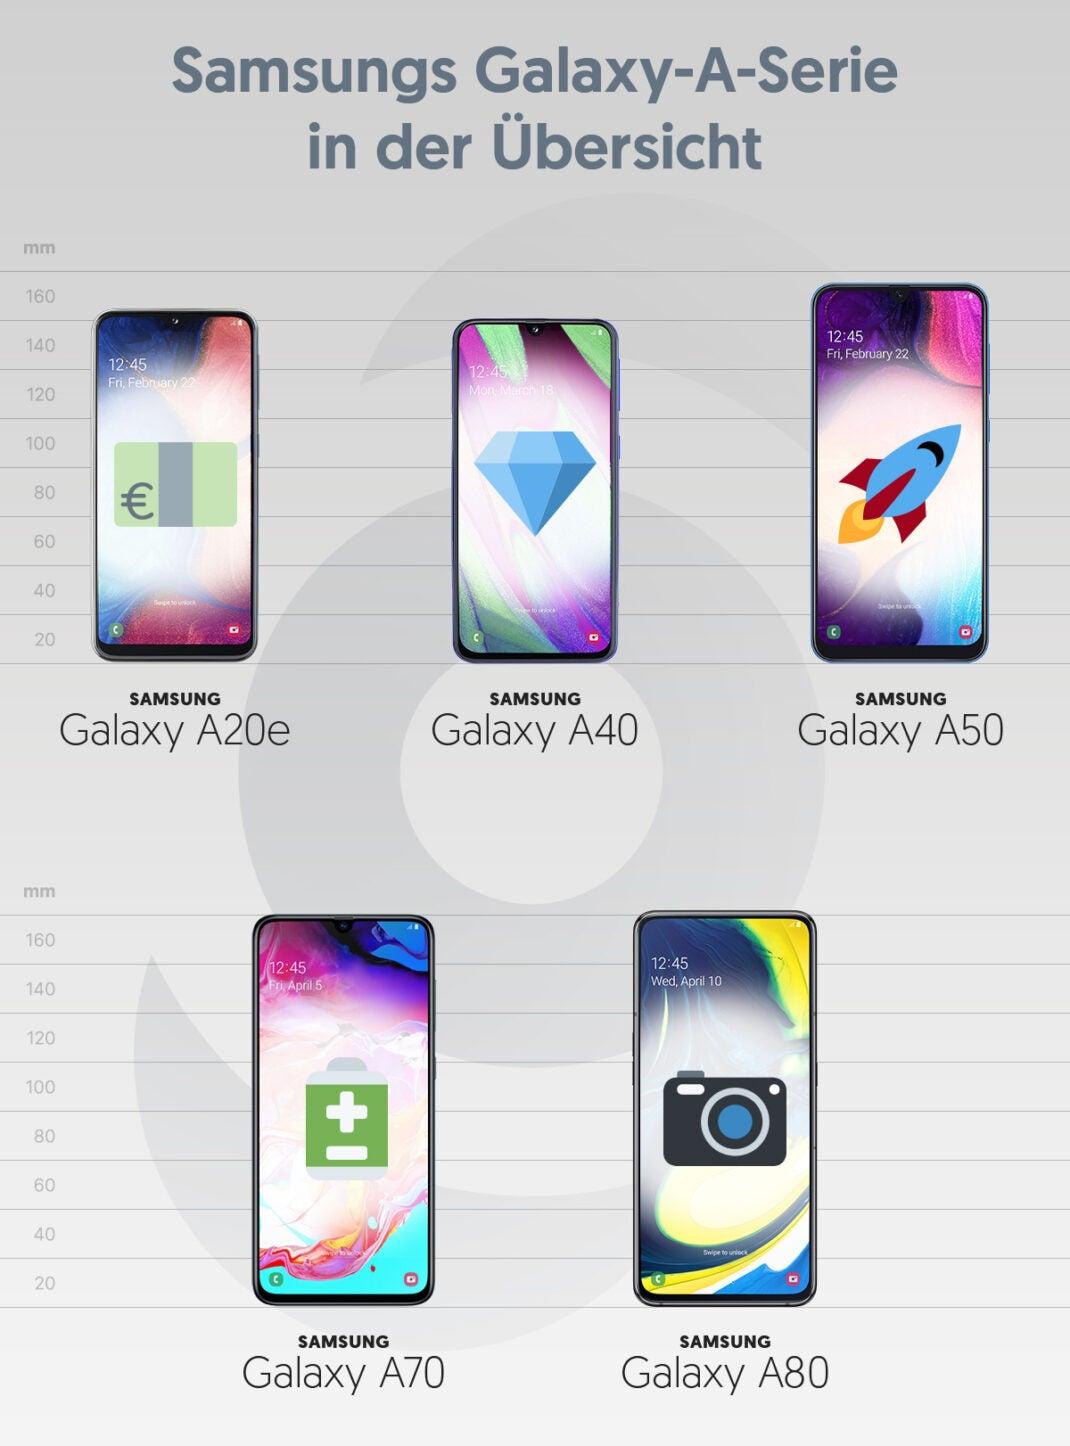 Grafik Galaxy-A-Serie von Samsung